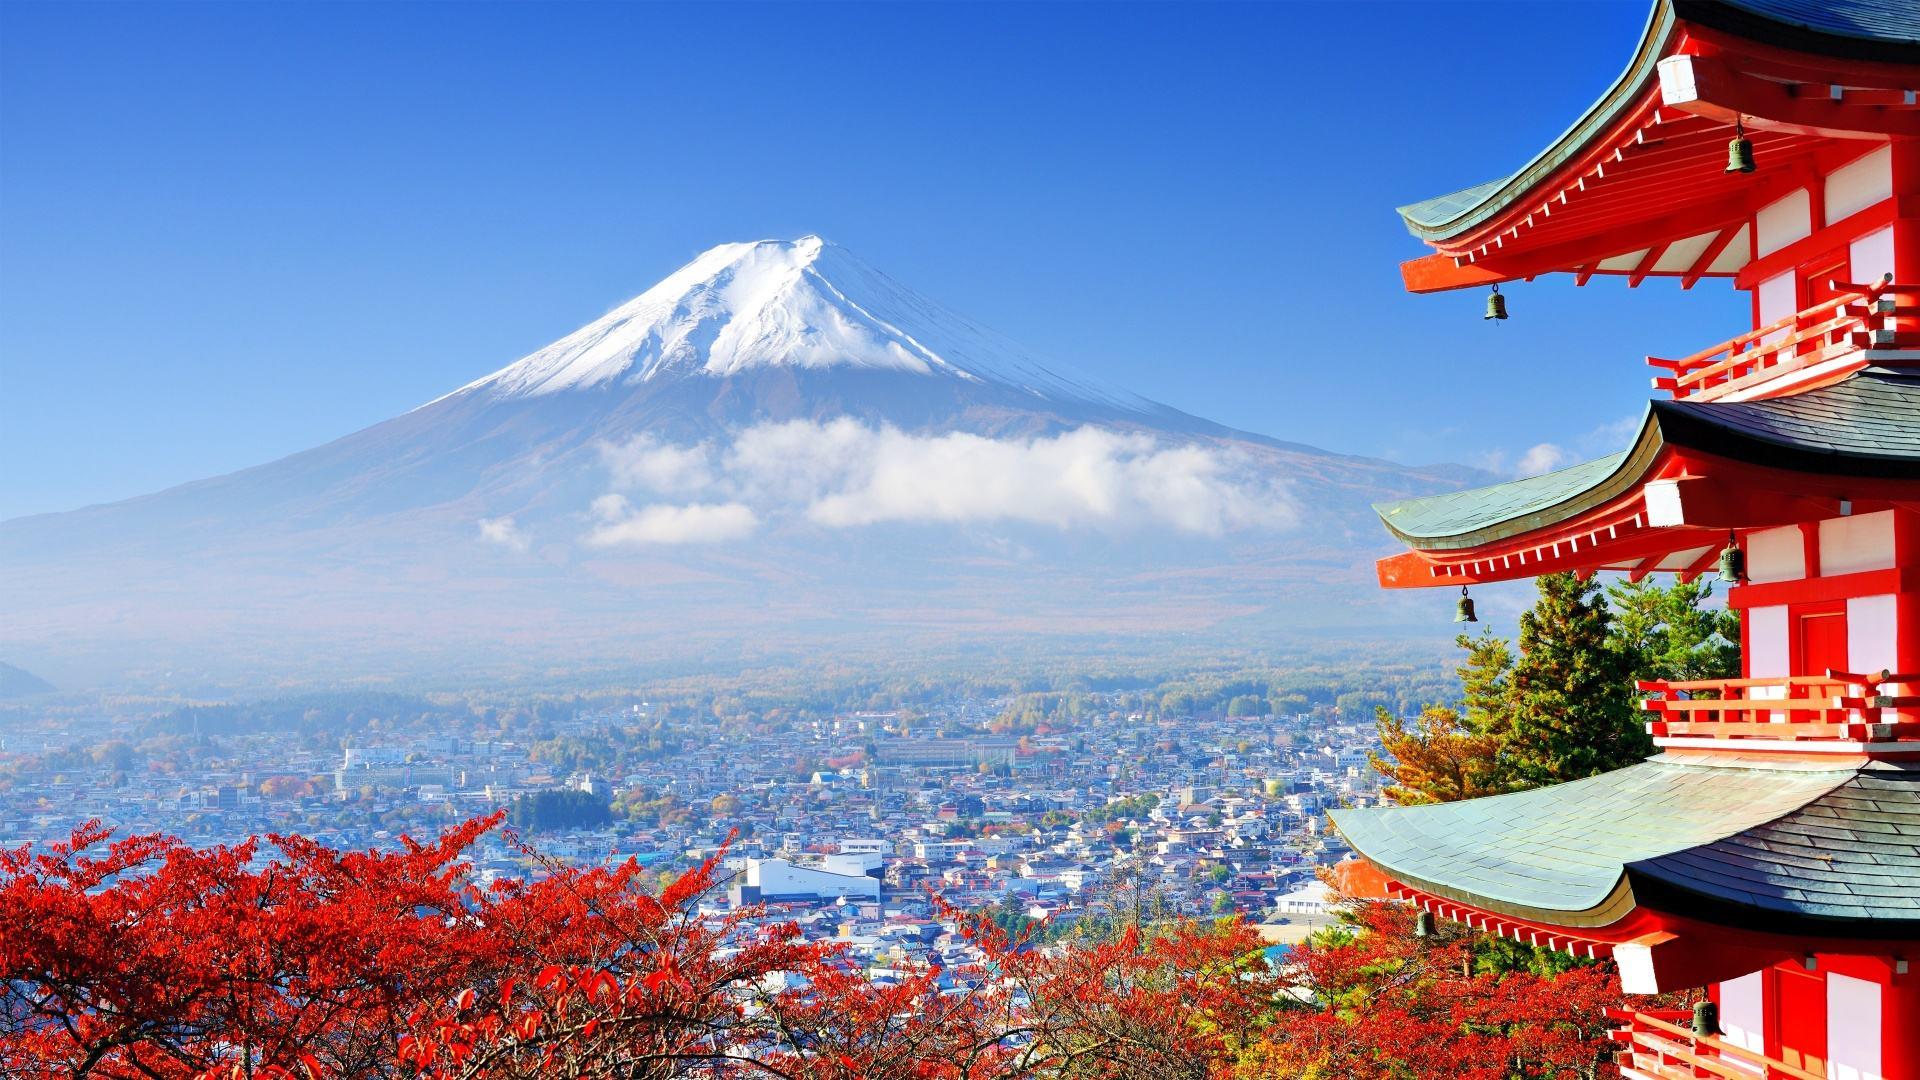 「日本」11月16日起赴日留学签证申请材料发生新变动